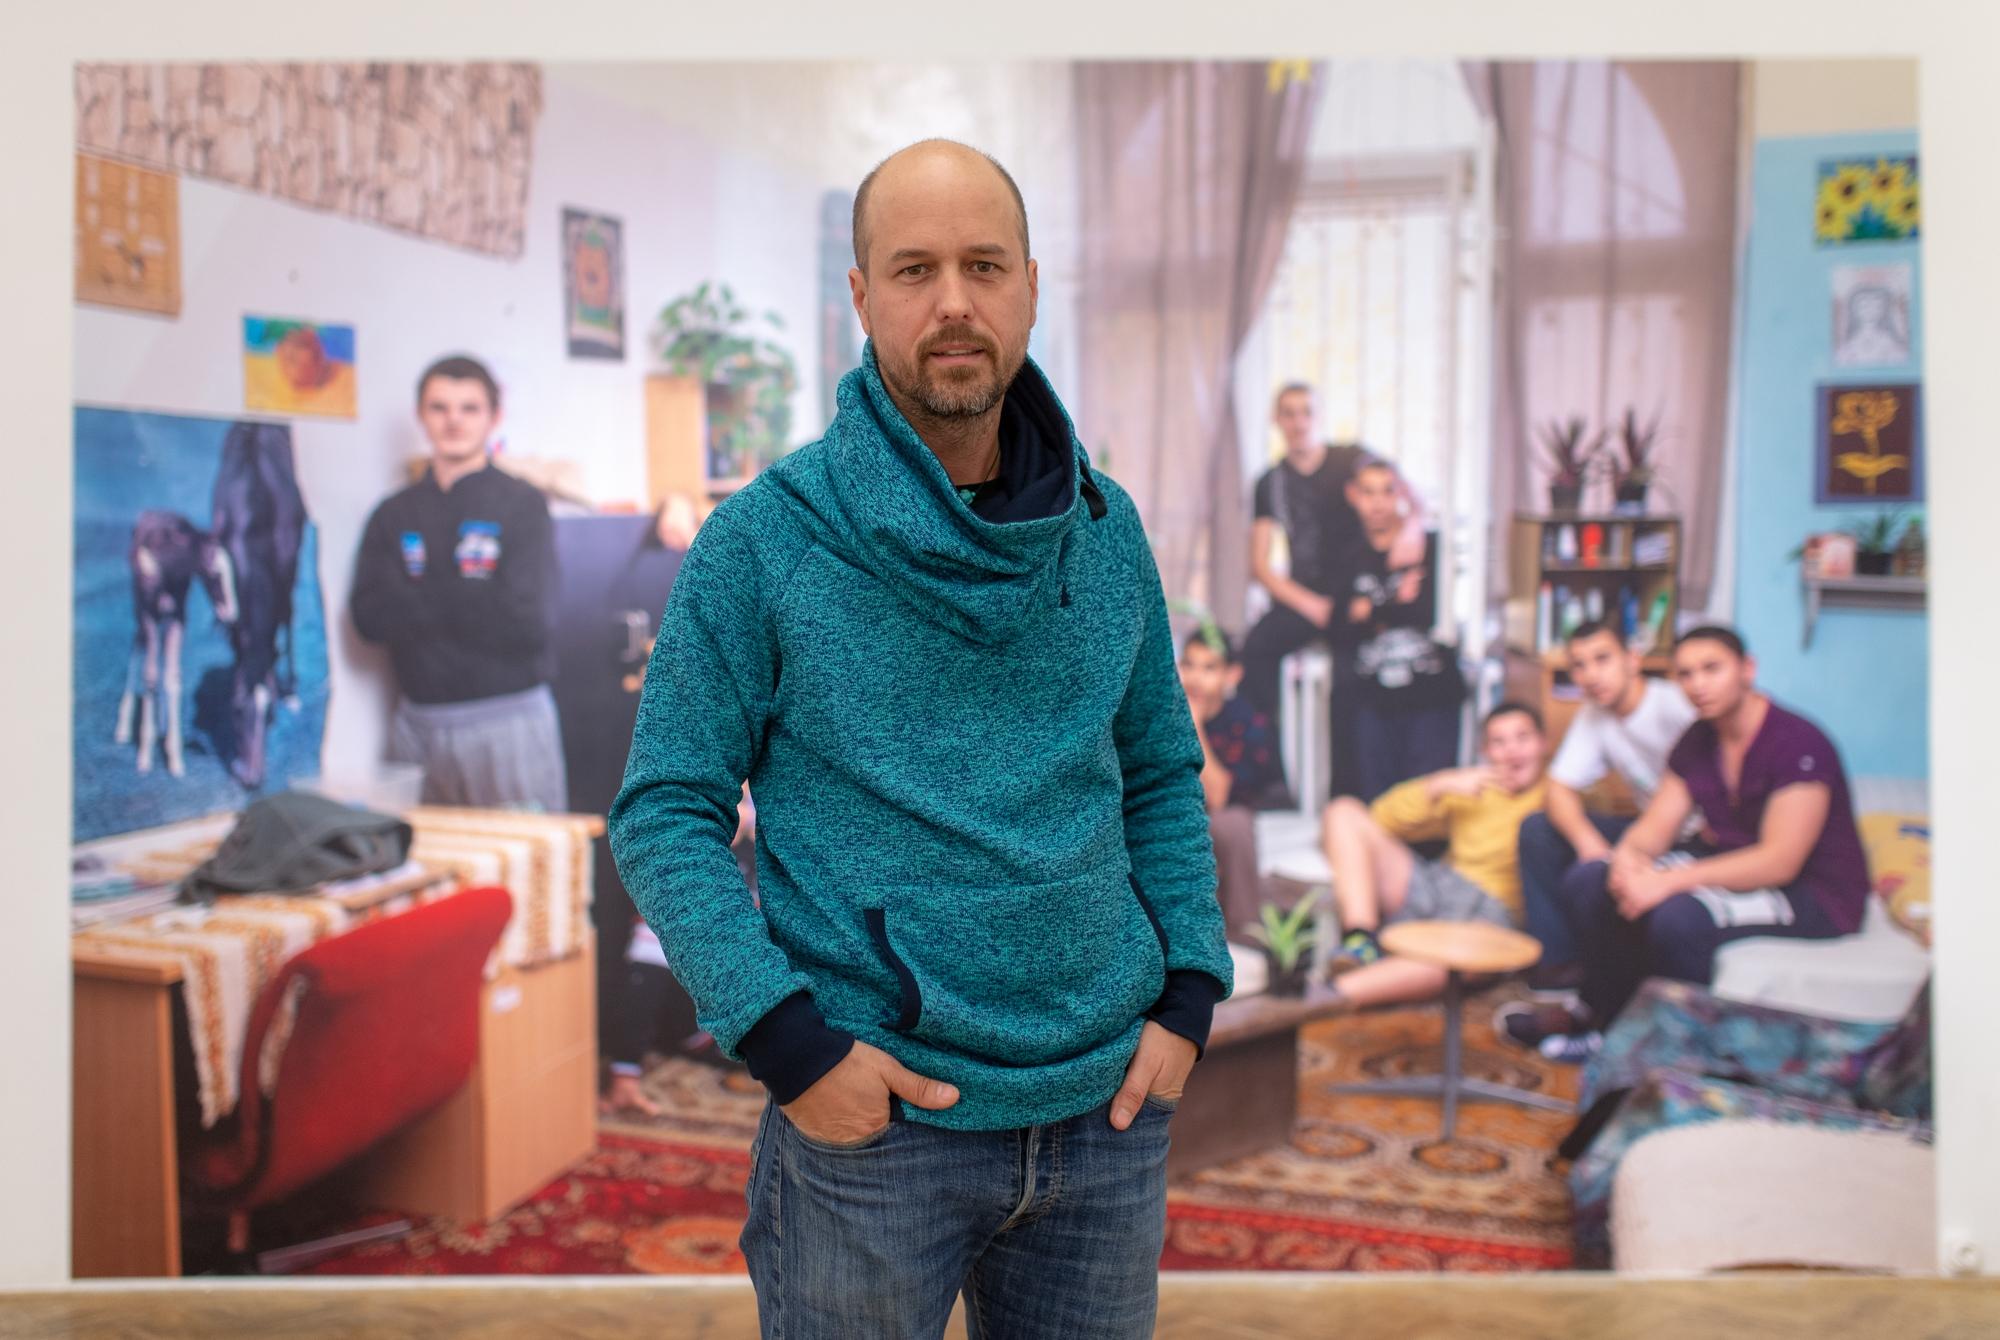 """""""Rengeteg emberfeletti teljesítményt kaphatok lencsevégre, amik mindannyiunkat inspirálhatnak."""" – Interjú Urbán Ádám fotográfussal"""